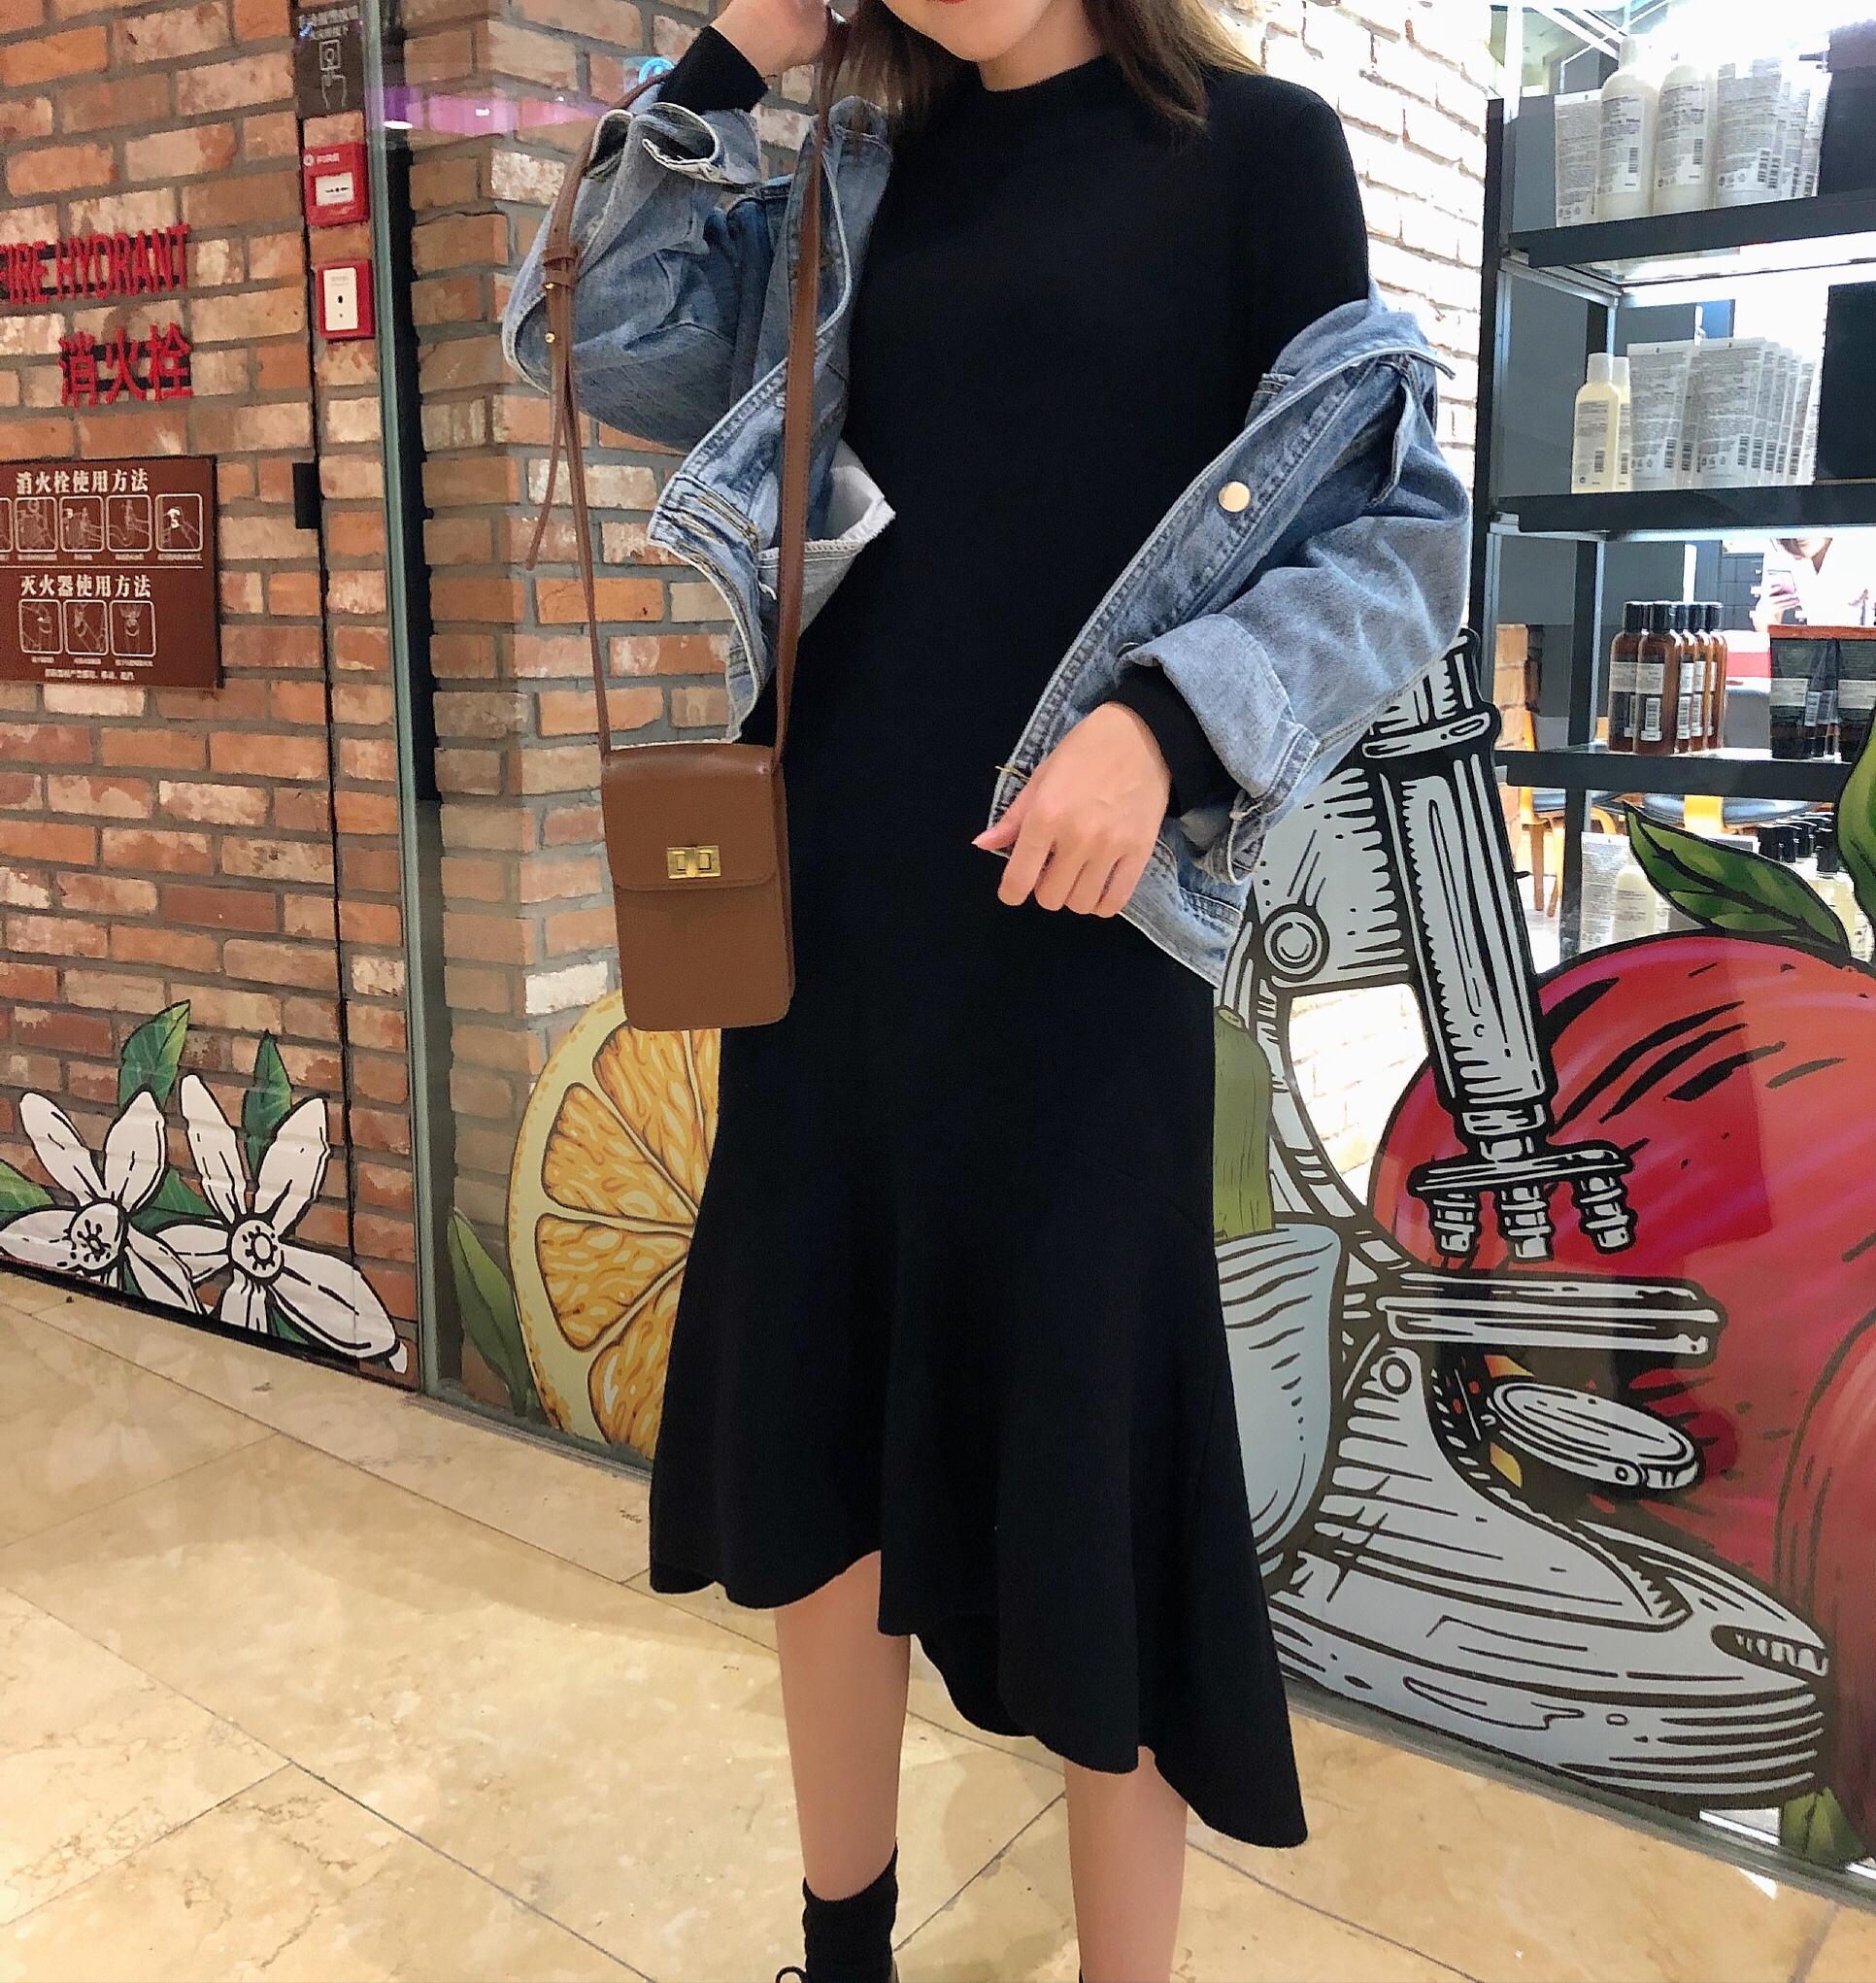 復古小眾魚尾連衣裙2019年秋冬季韓版針織打底裙+短款牛仔外套